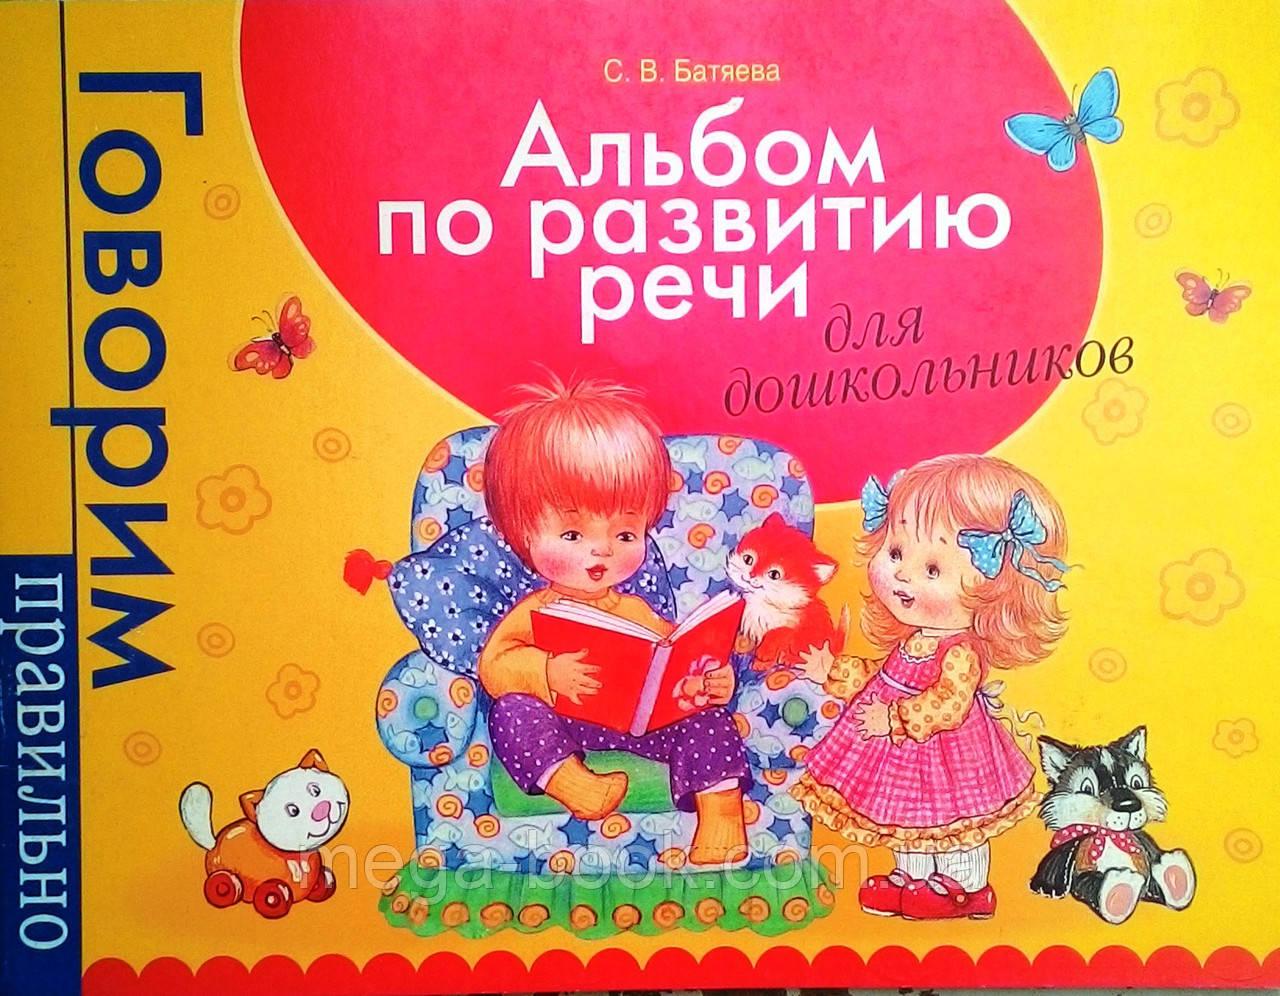 Альбом по развитию речи у дошкольников. Батяева.